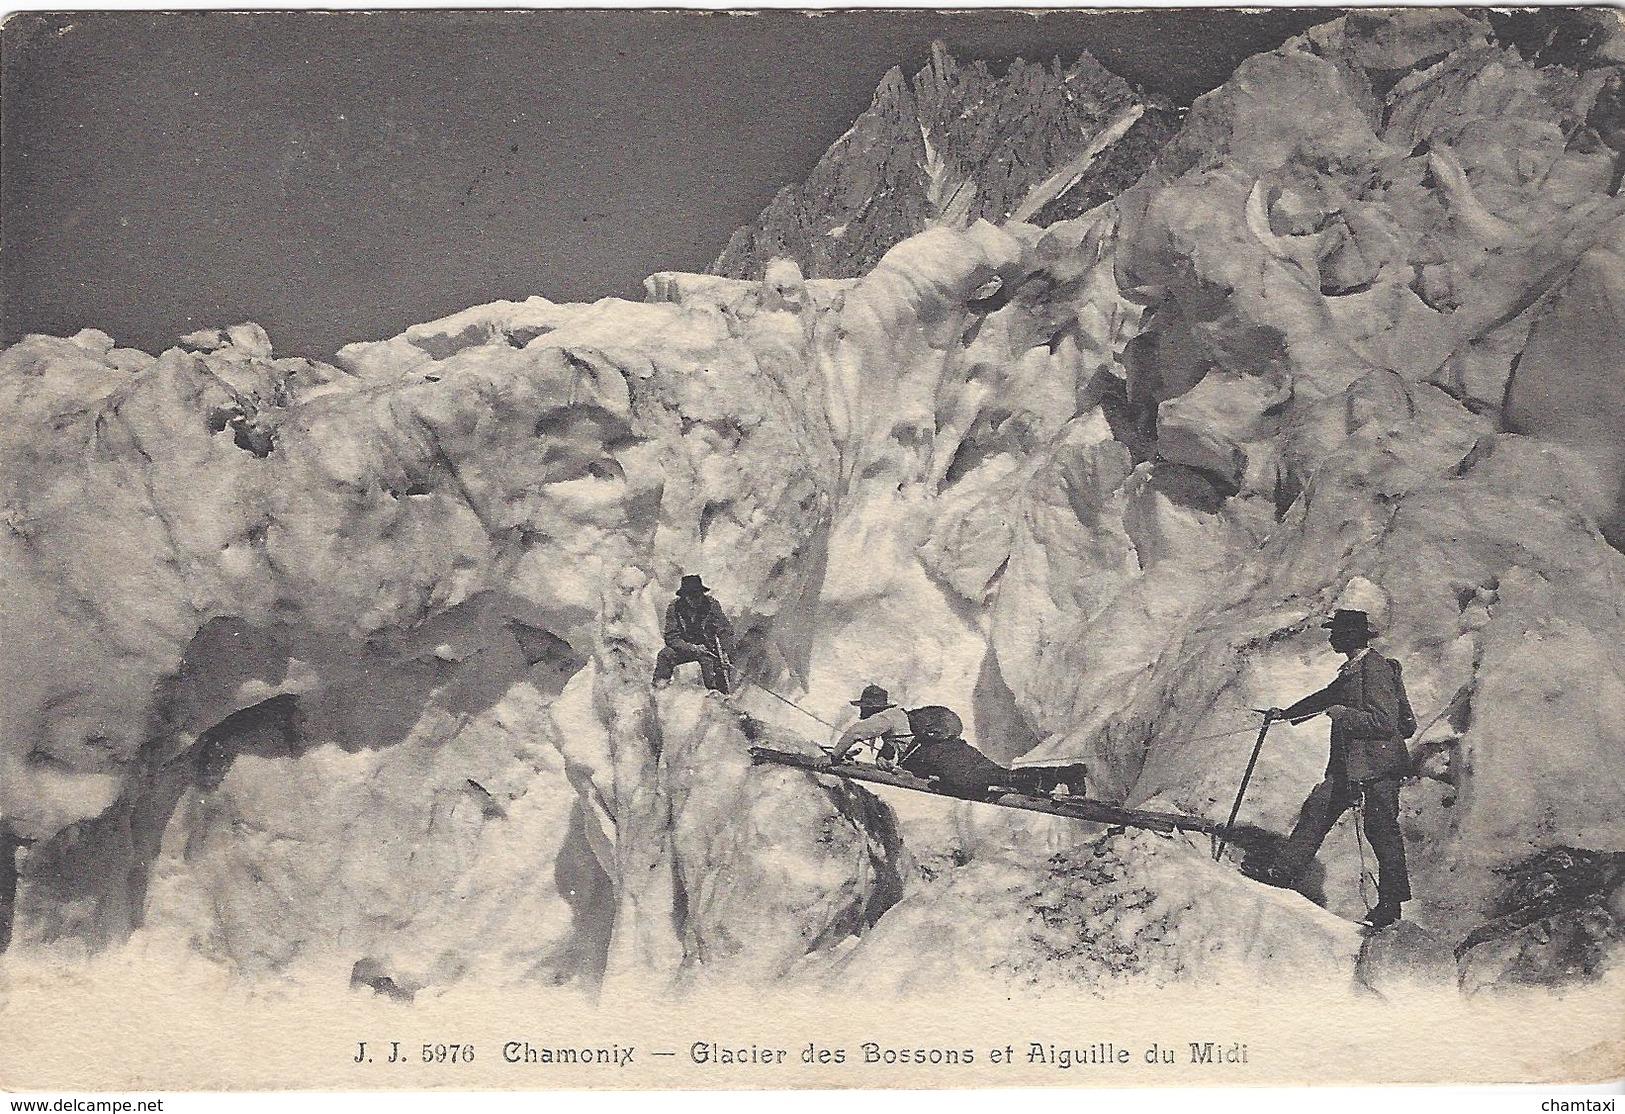 74 LES BOSSONS RANDONNEURS TRAVERSANT LE GLACIER DES BOSSONS SUR UNE ECHELLE  VALLEE DE CHAMONIX MONT BLANC JJ 5976 - Chamonix-Mont-Blanc